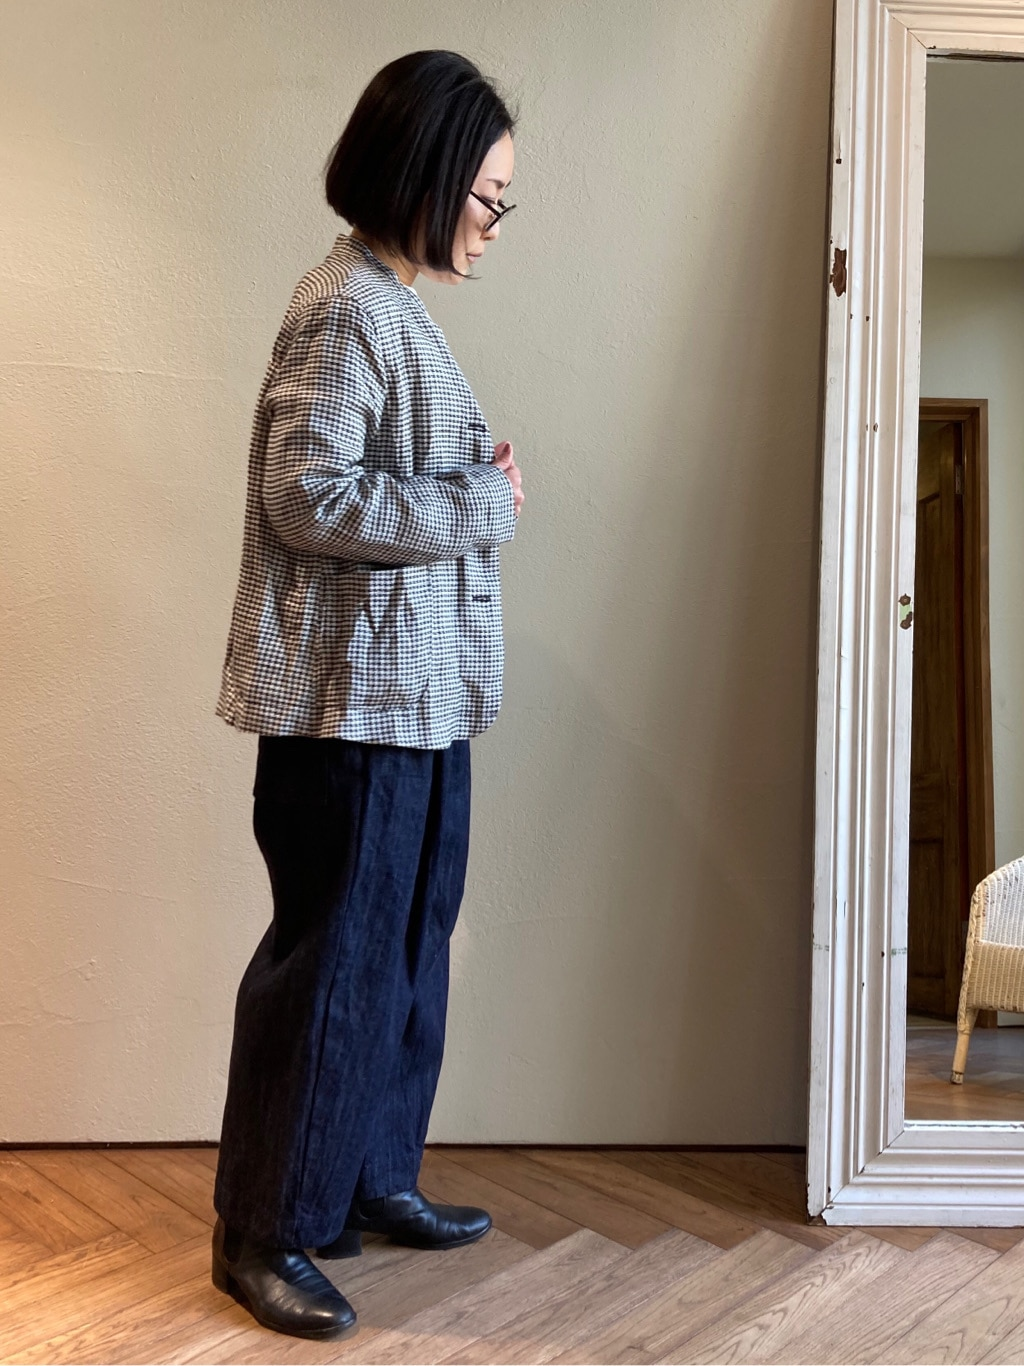 yuni 京都路面 身長:152cm 2021.03.11